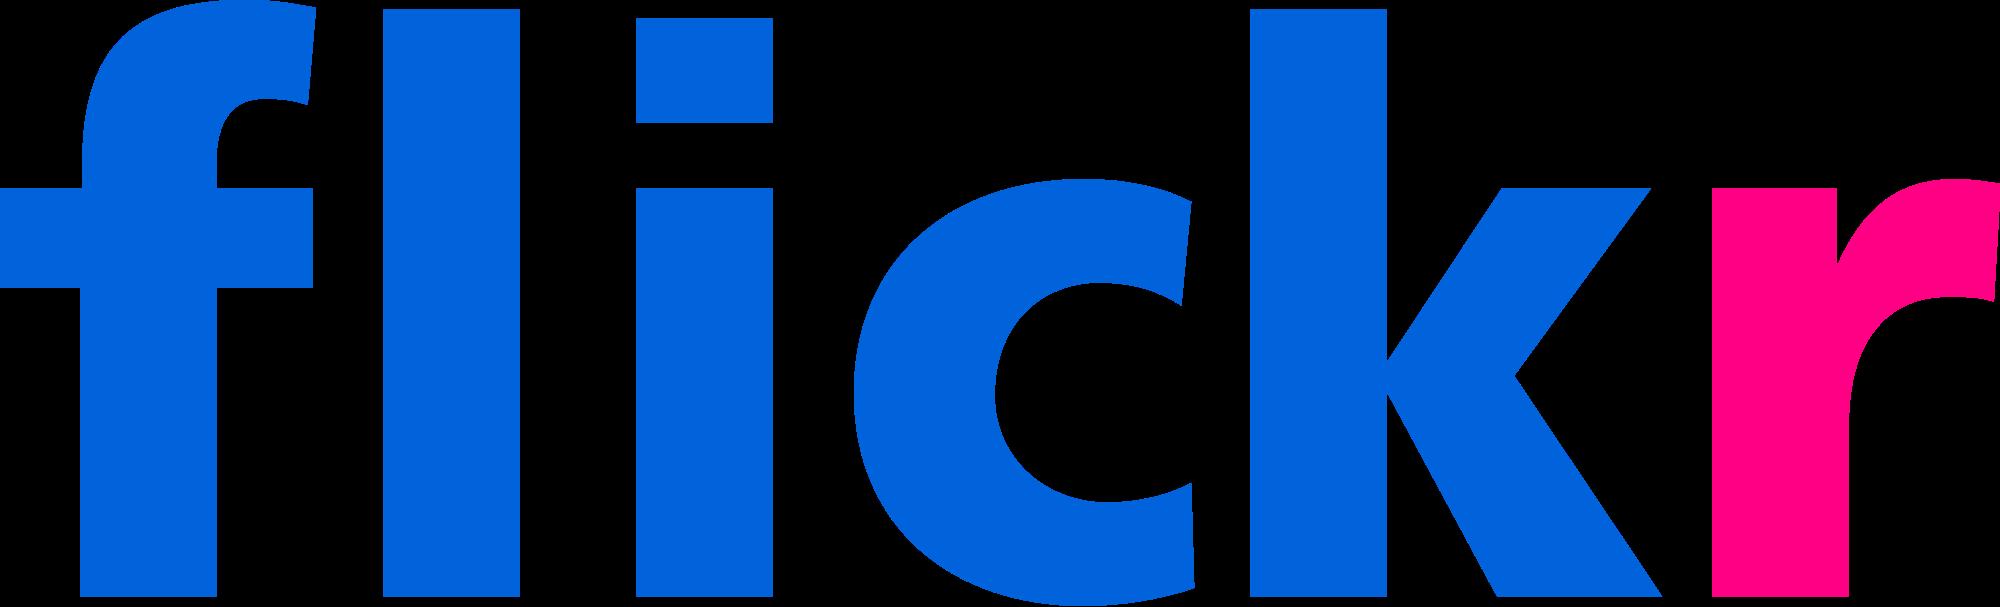 Logo Flicker